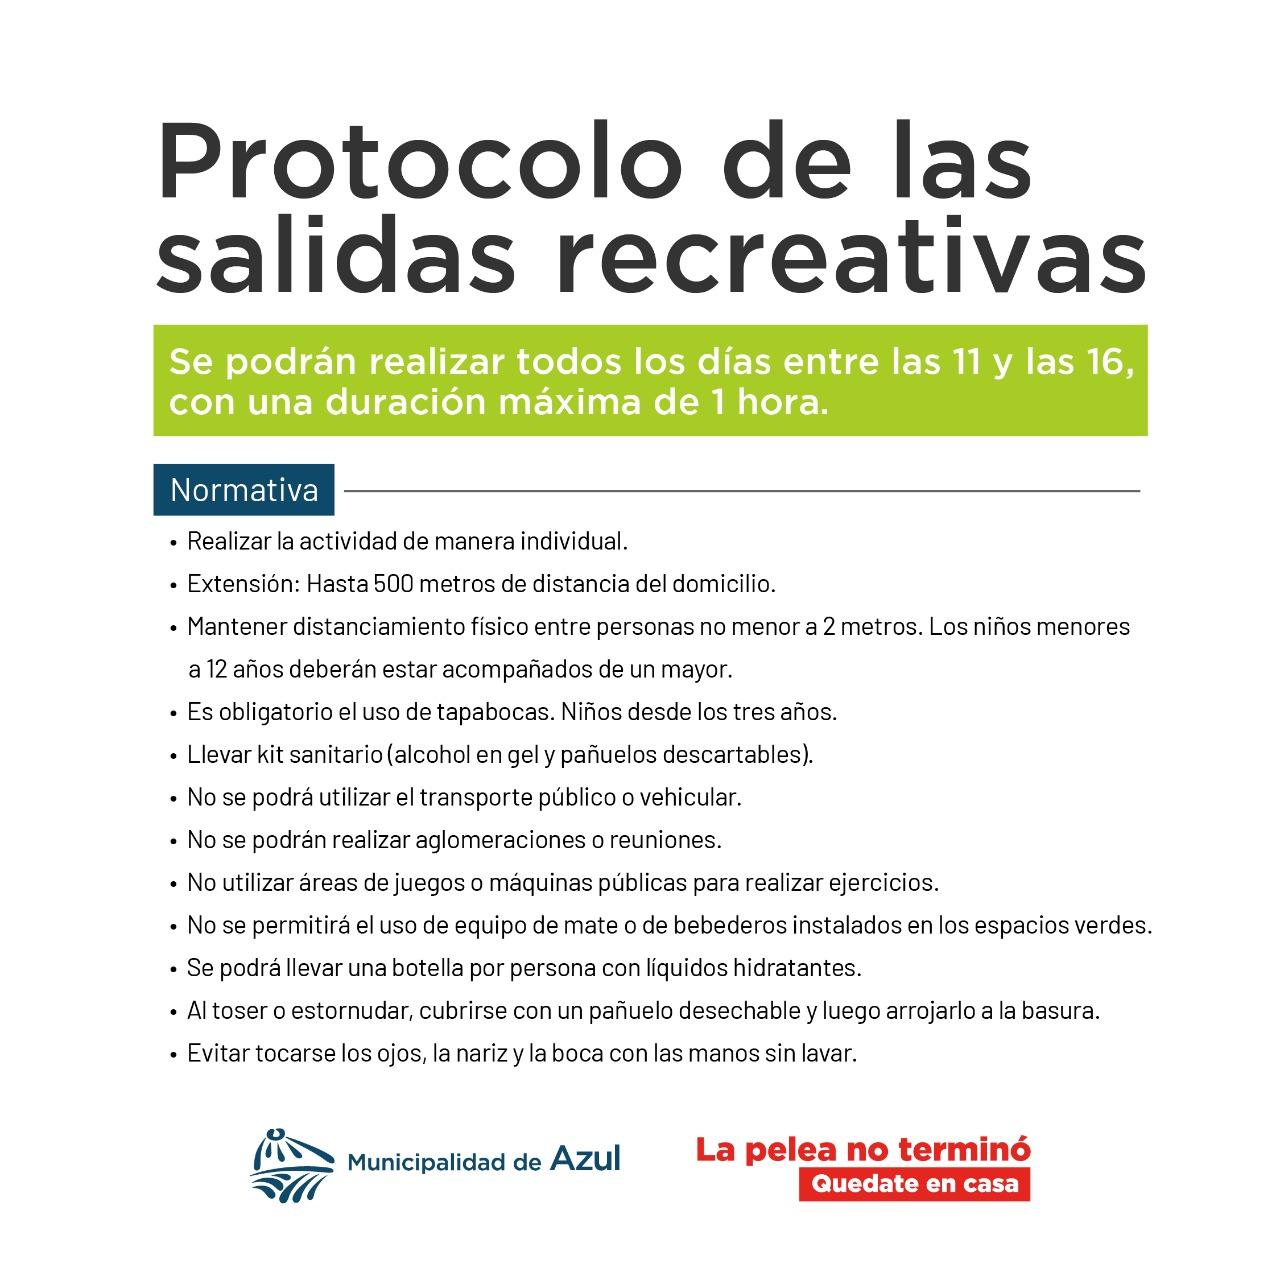 Protocolo para las salidas recreativas